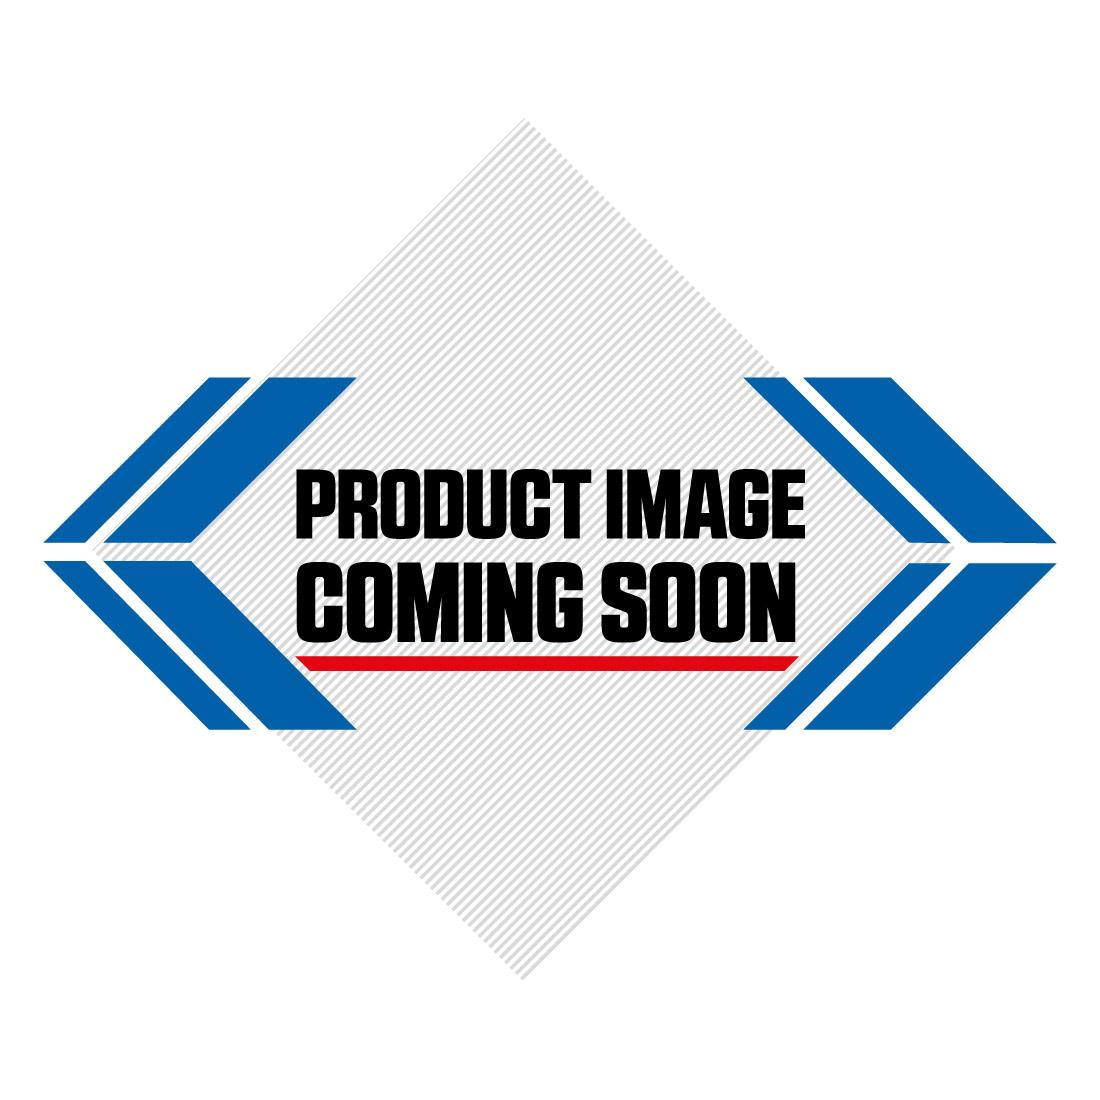 Husqvarna Plastic Kit OEM Factory (09-10) Image-0